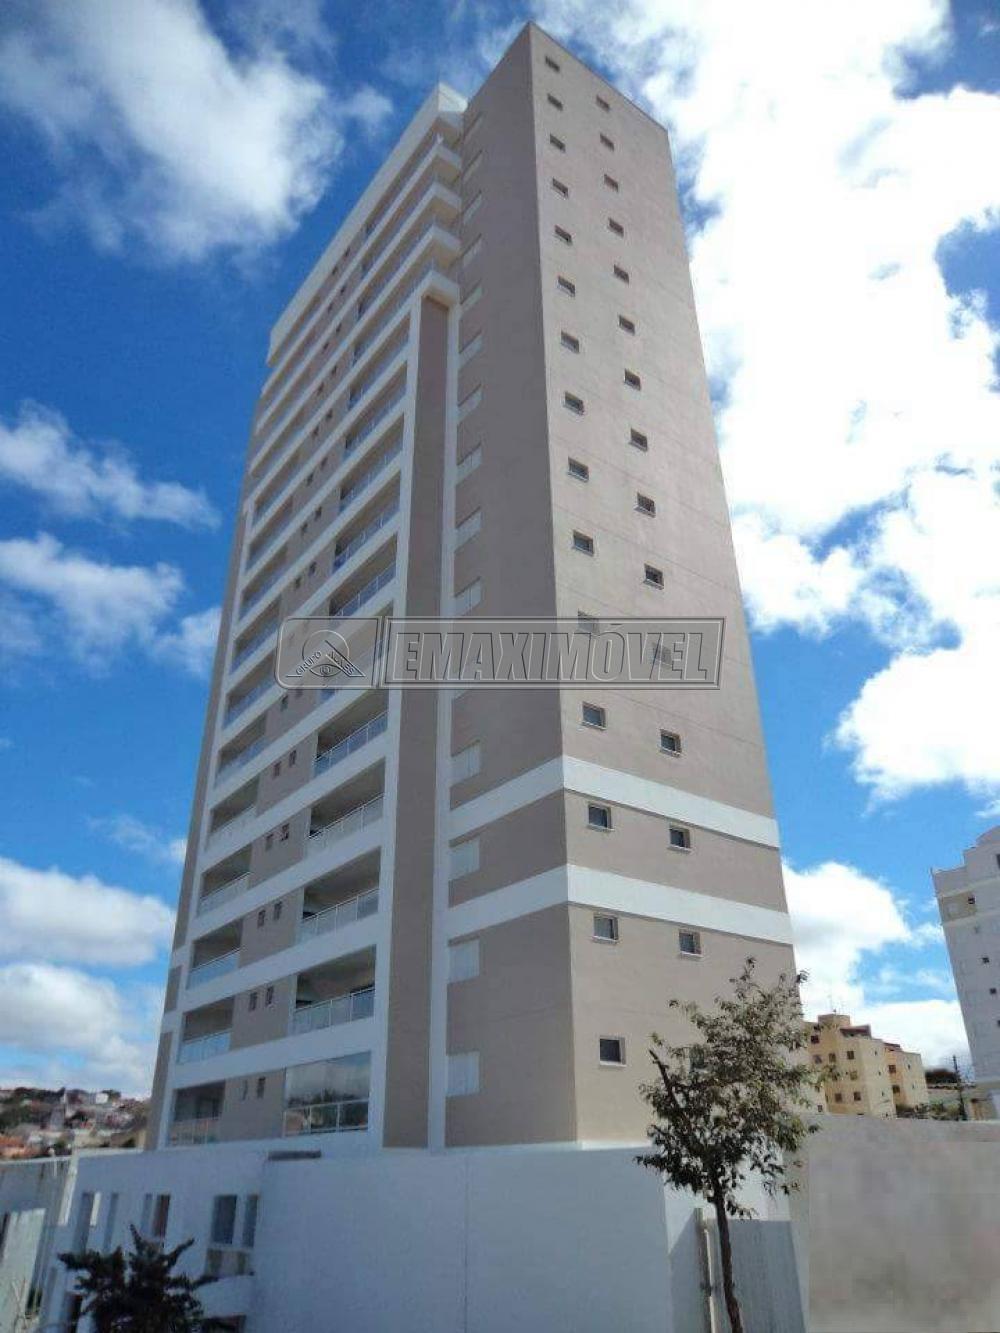 Comprar Apartamentos / Apto Padrão em Sorocaba apenas R$ 850.000,00 - Foto 1